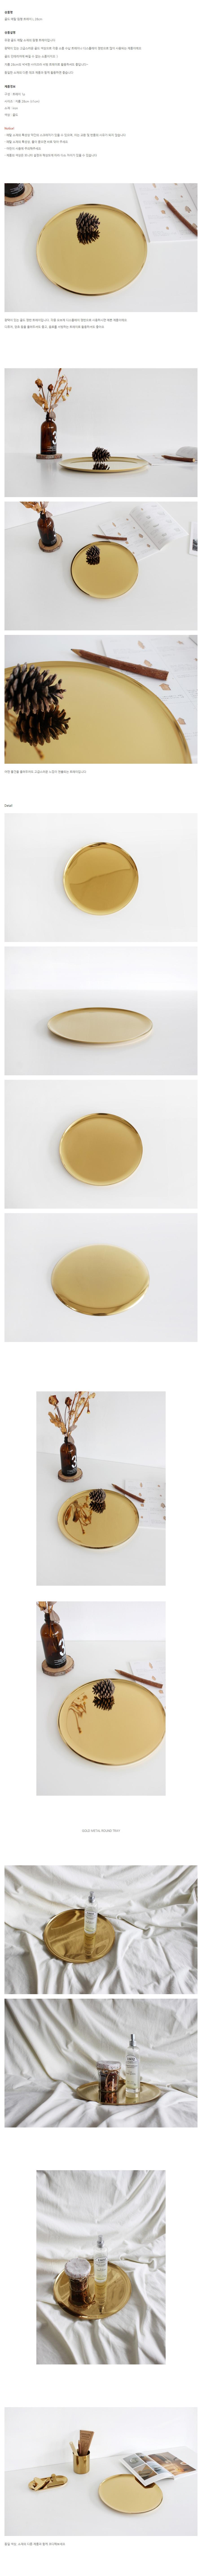 골드 메탈 원형 트레이 L 28cm - 홈앳, 18,900원, 주방소품, 쟁반/트레이